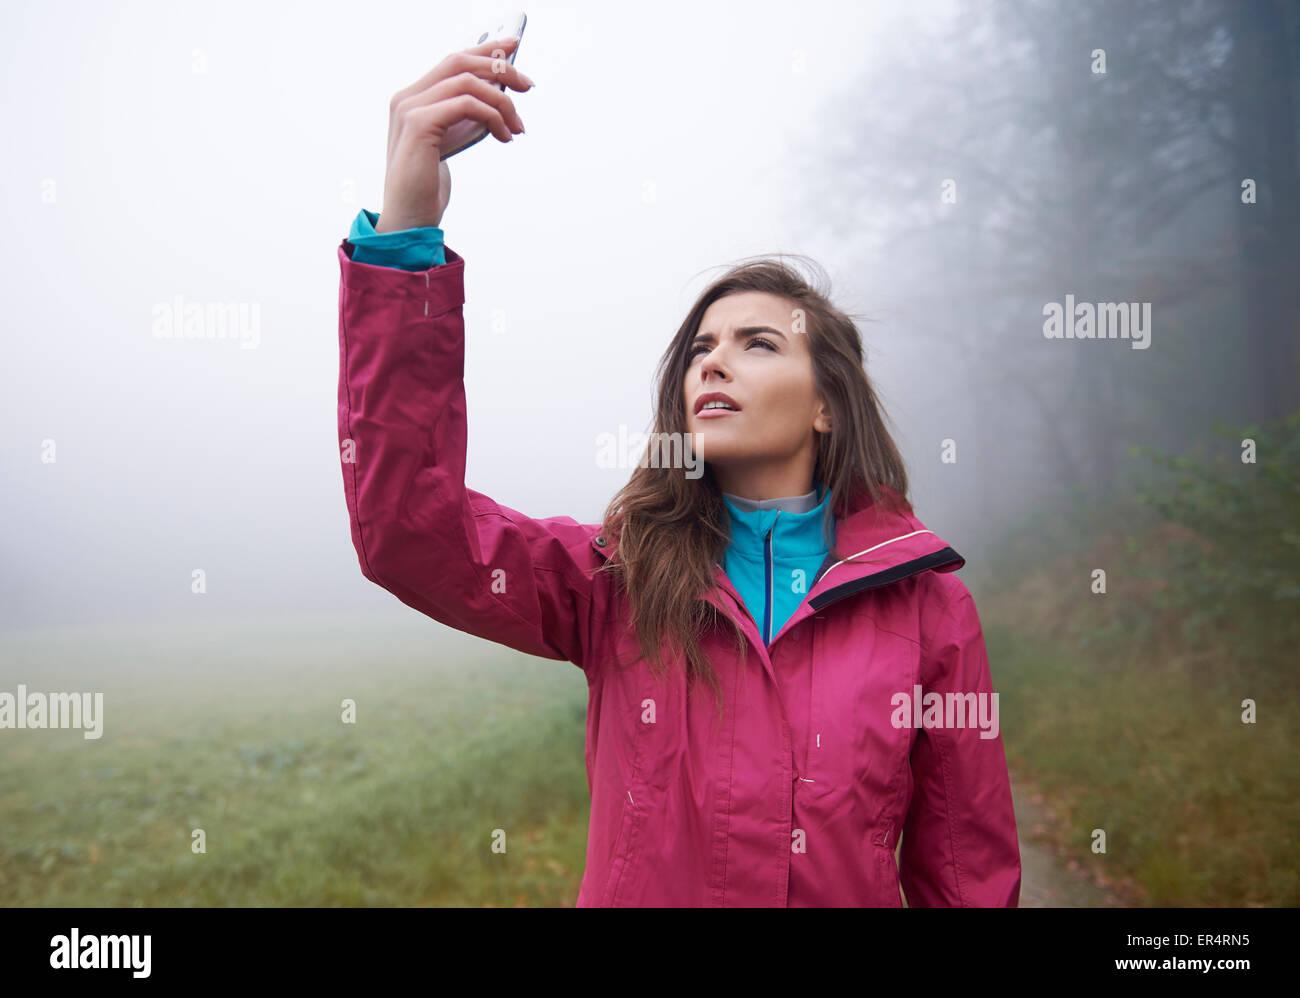 Buscando una conexión para mi teléfono móvil en el bosque. Debica, Polonia Imagen De Stock